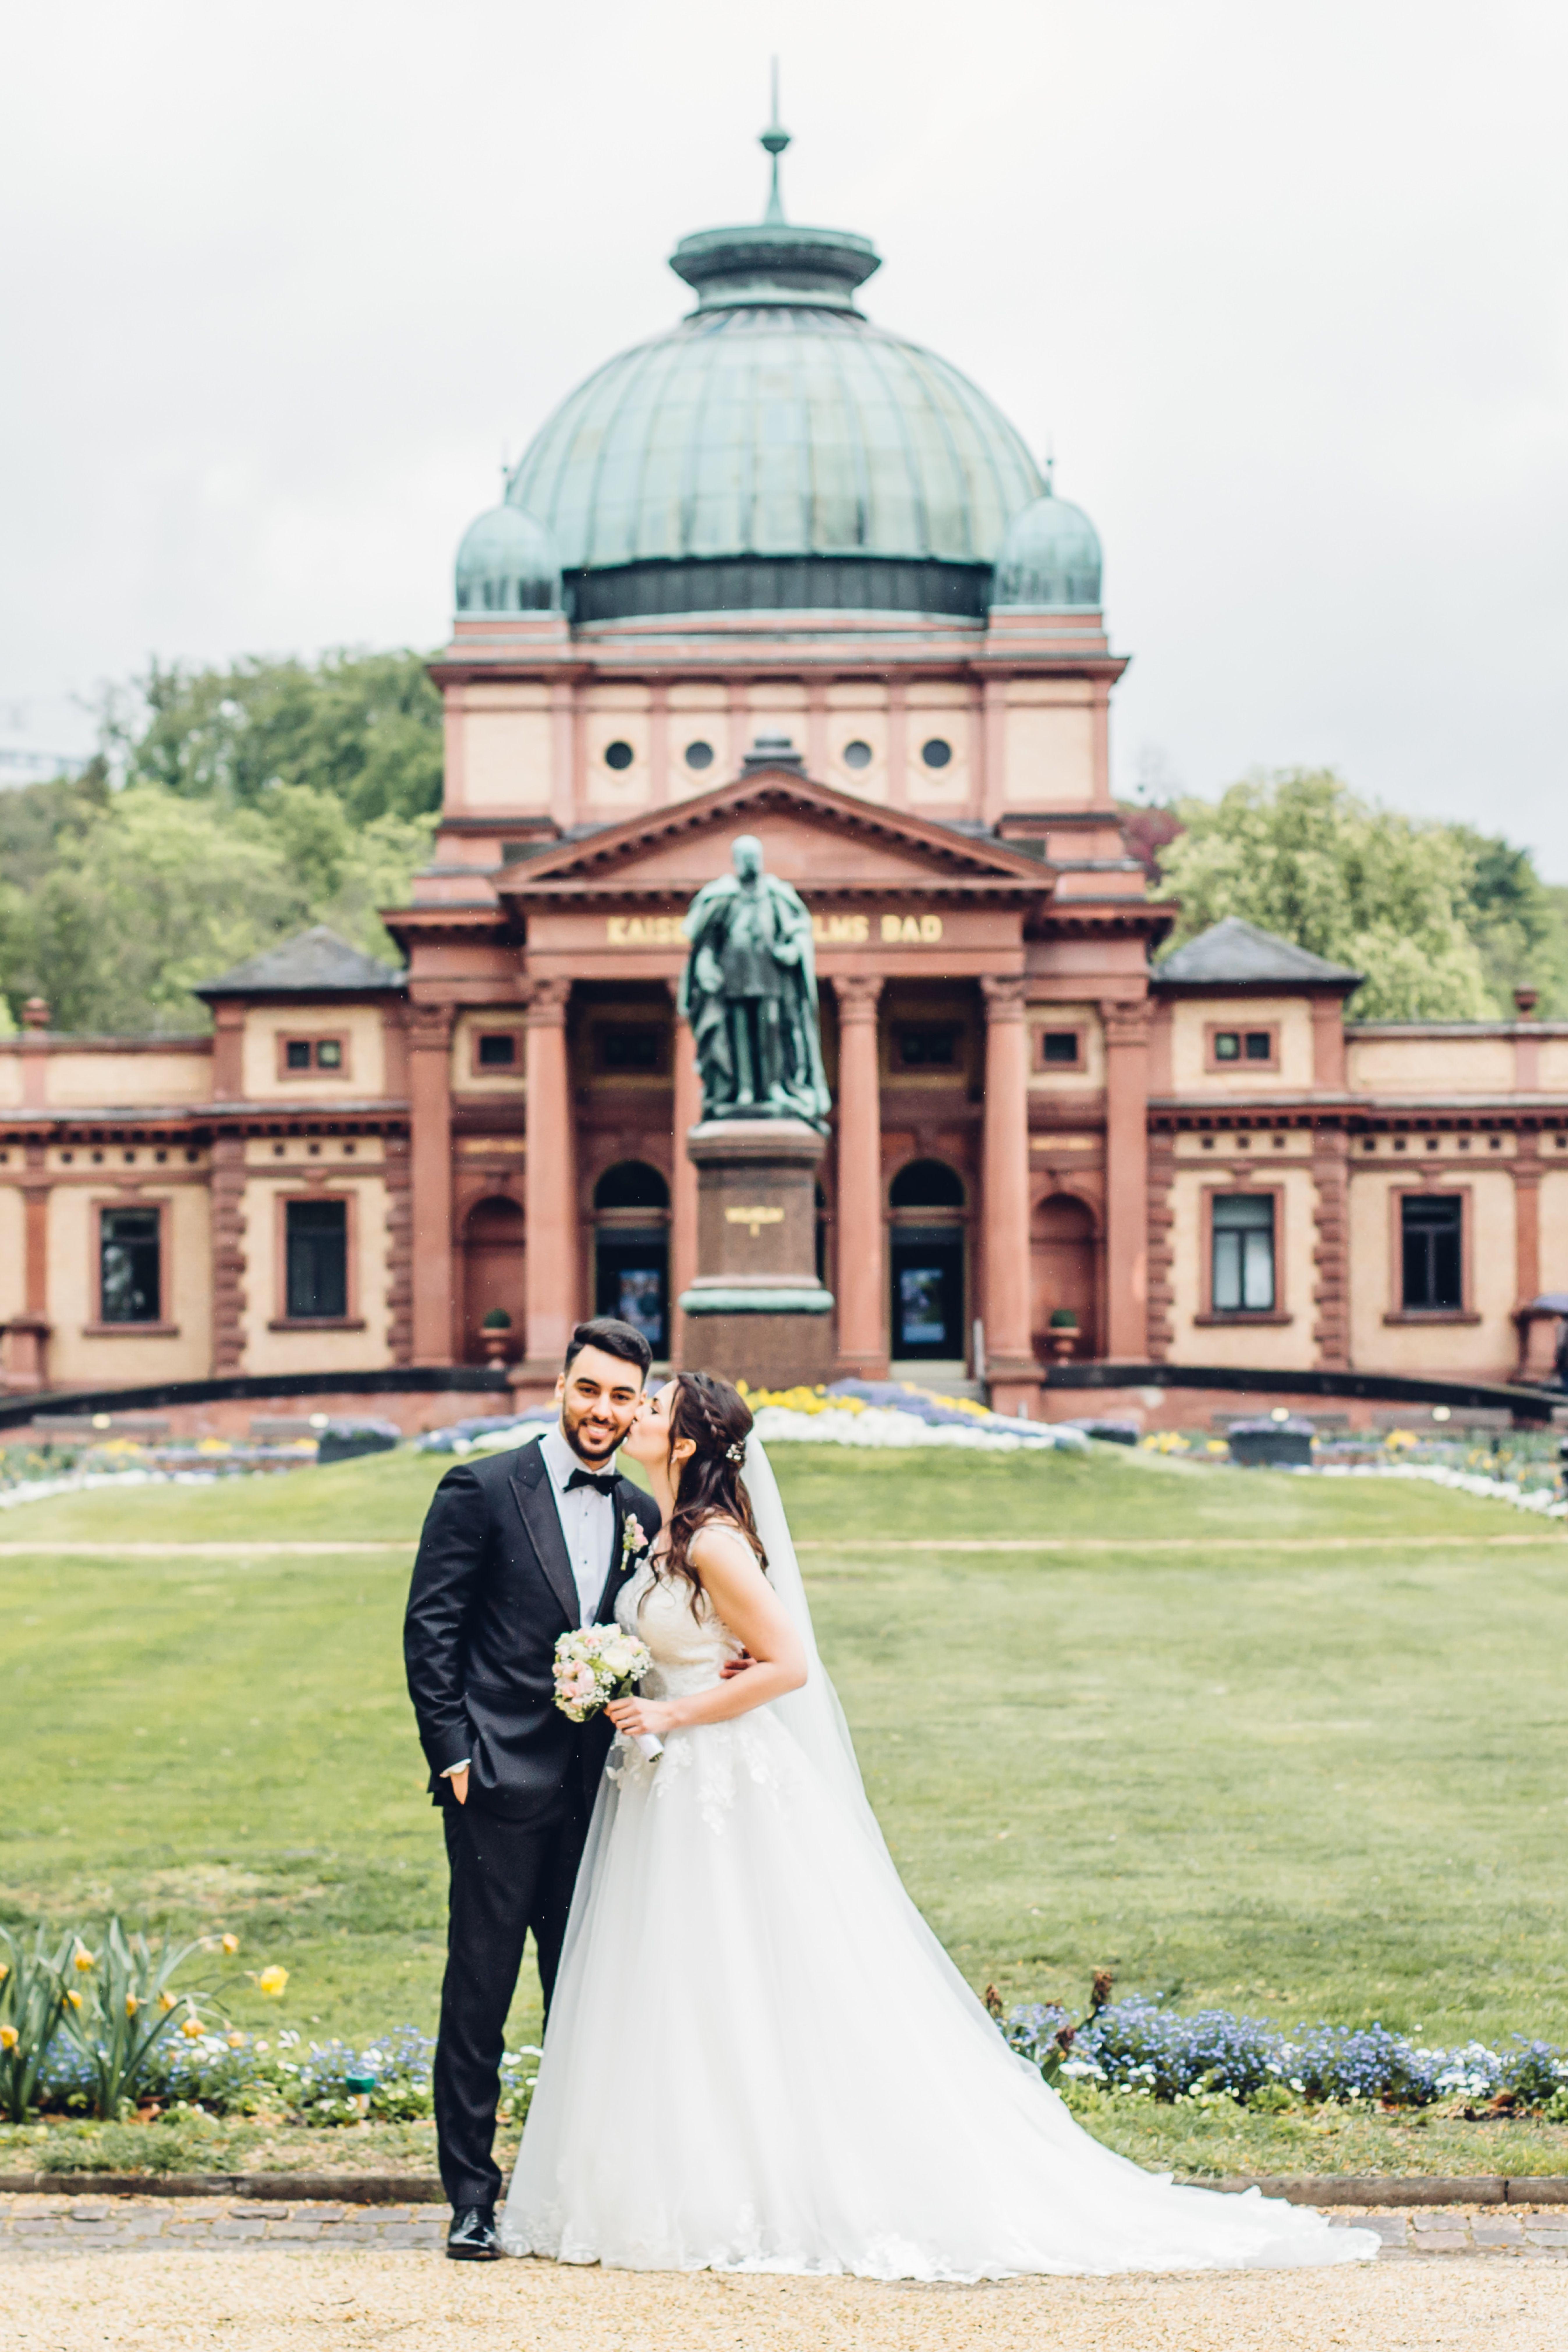 Hochzeit Bad Homburg Hochzeitsfotograf Fotografin Hochzeit